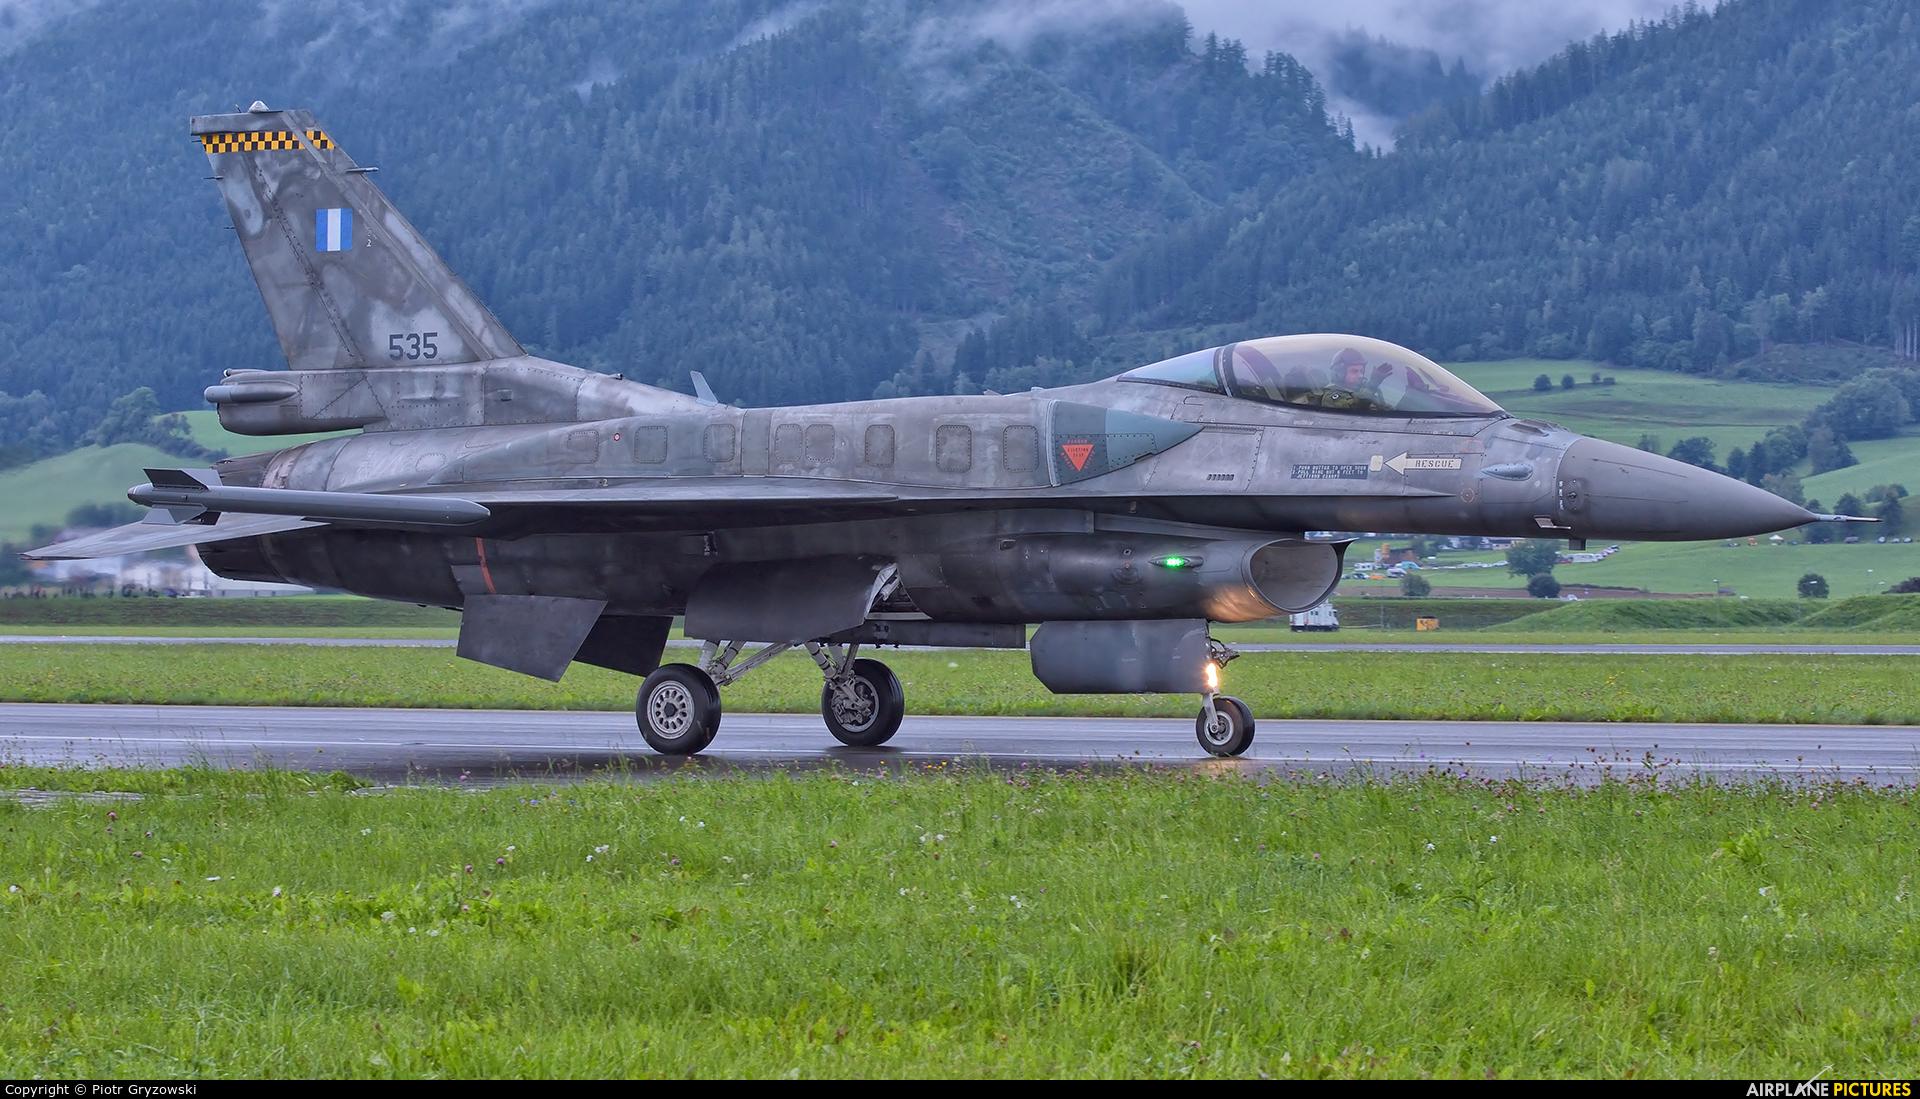 Greece - Hellenic Air Force 535 aircraft at Zeltweg